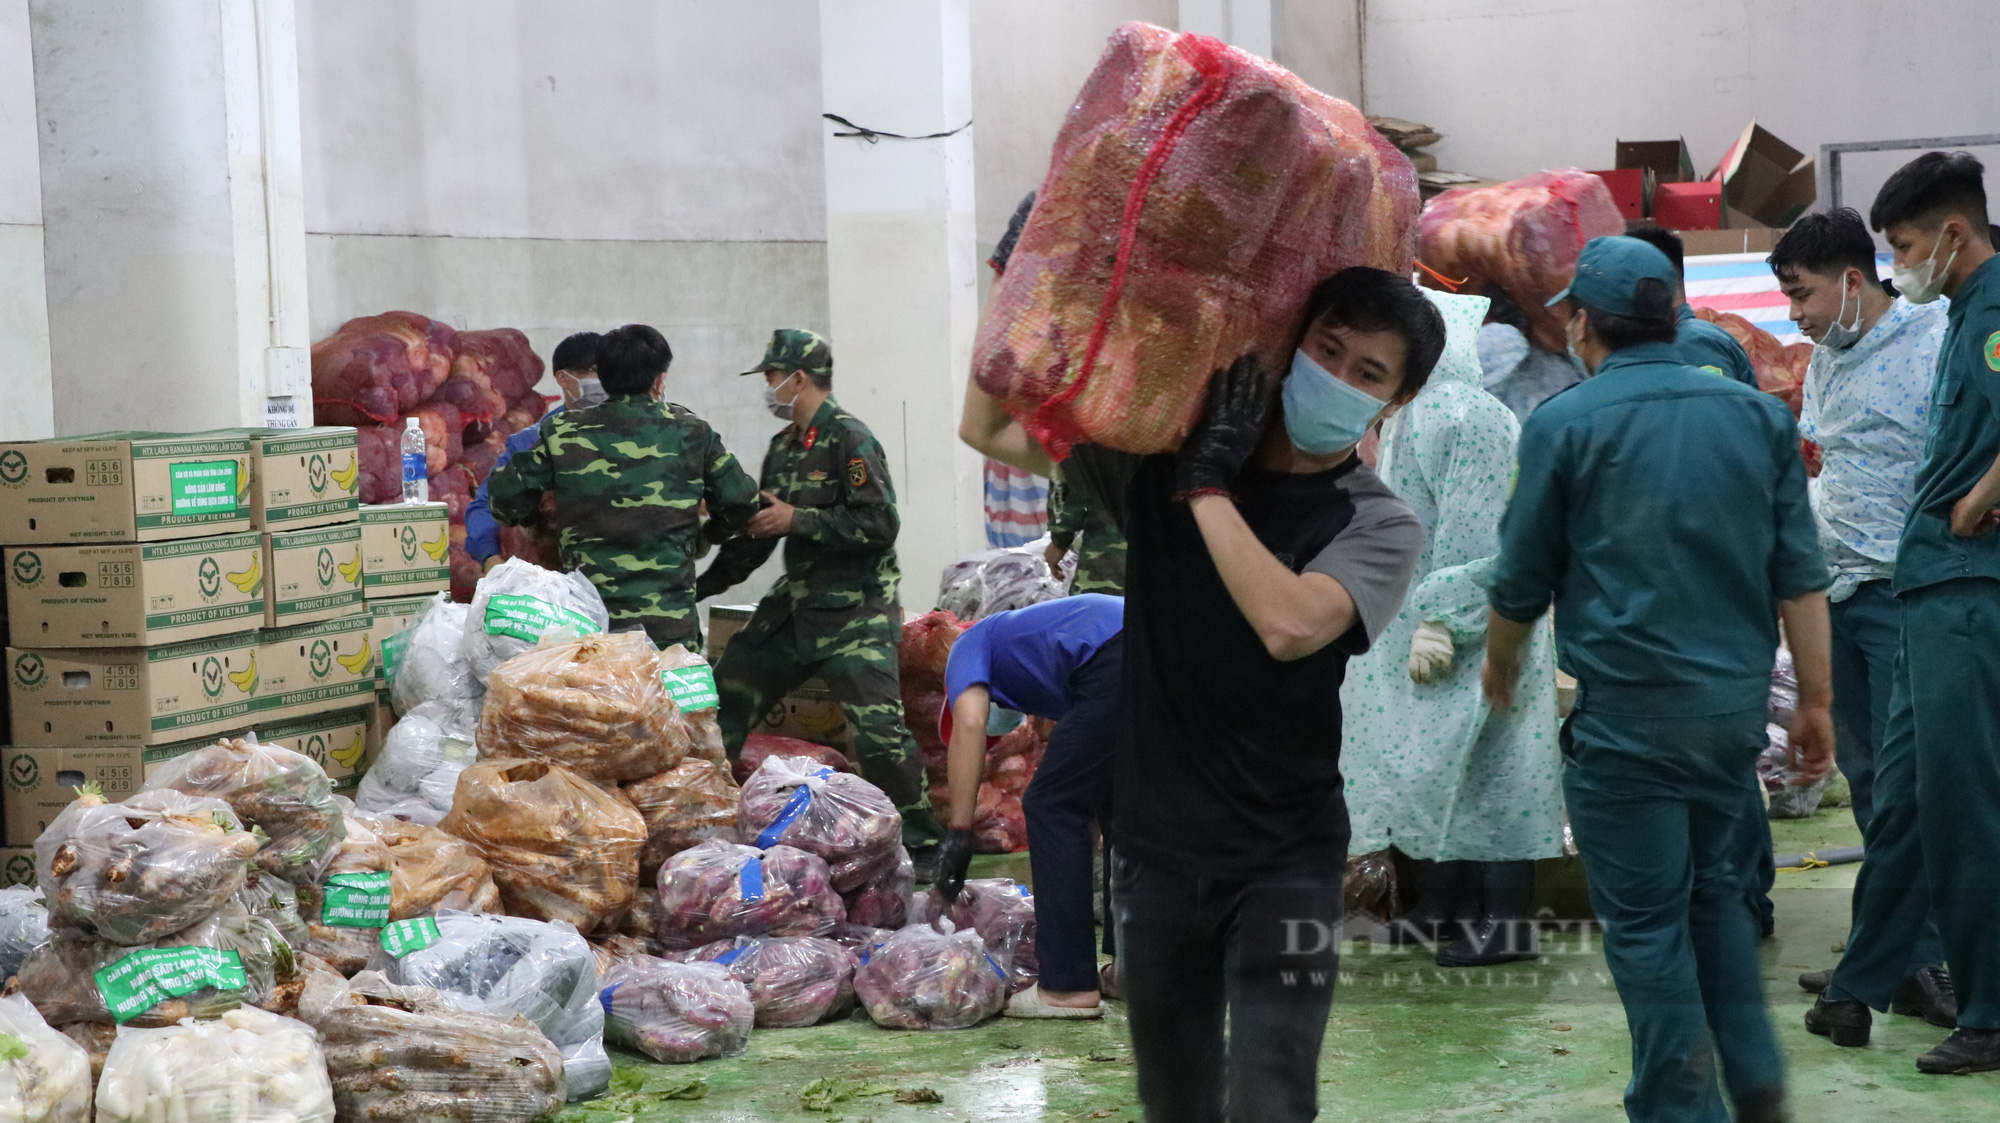 Lâm Đồng: 200 trăm tấn rau, củ, quả tươi ngon nhất được đưa về vùng dịch bị giãn cách - Ảnh 2.